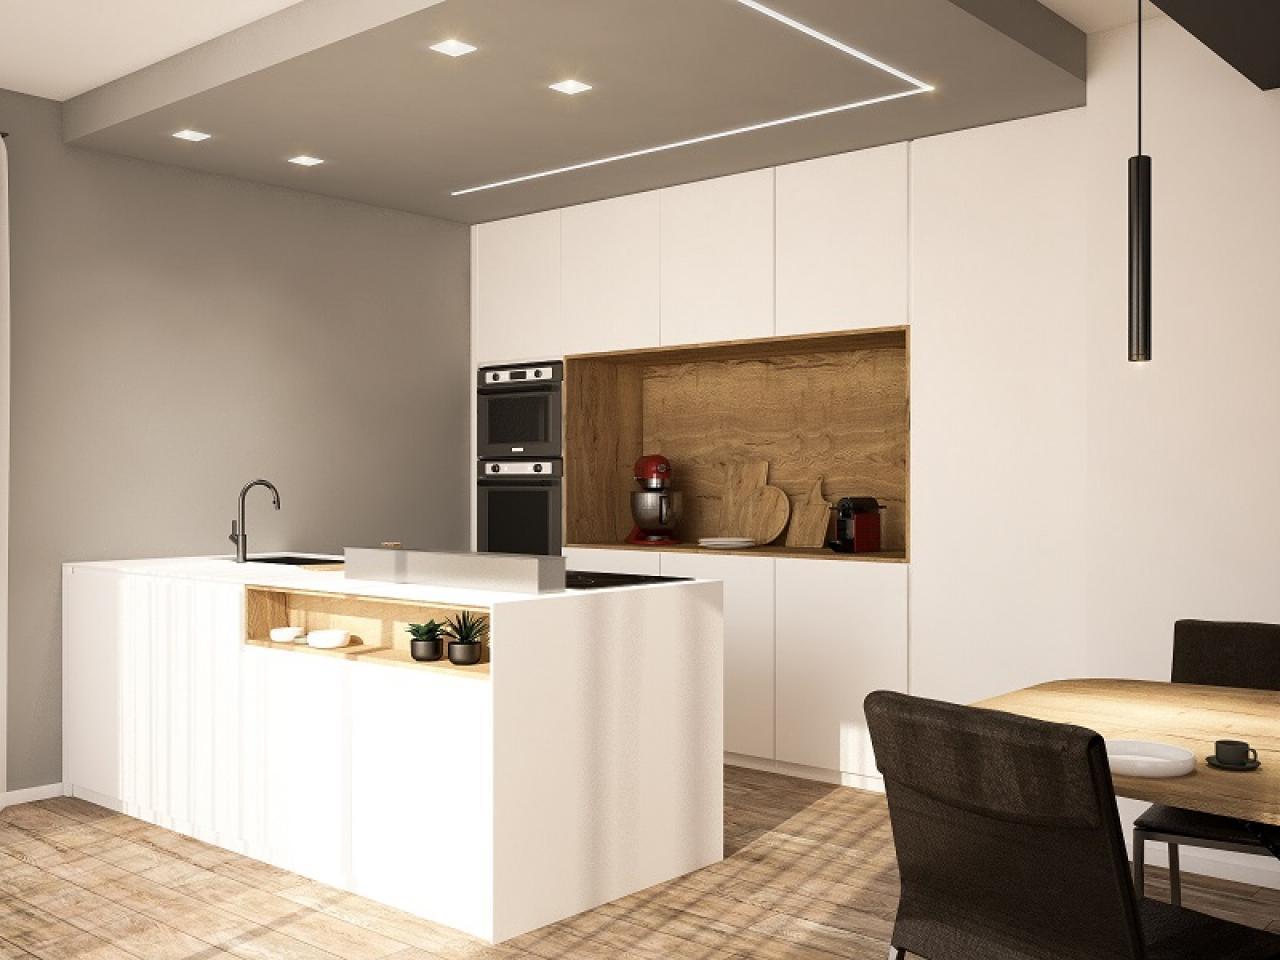 Illuminazione Piano Lavoro Cucina illuminazione cucina | fratelli pellizzari